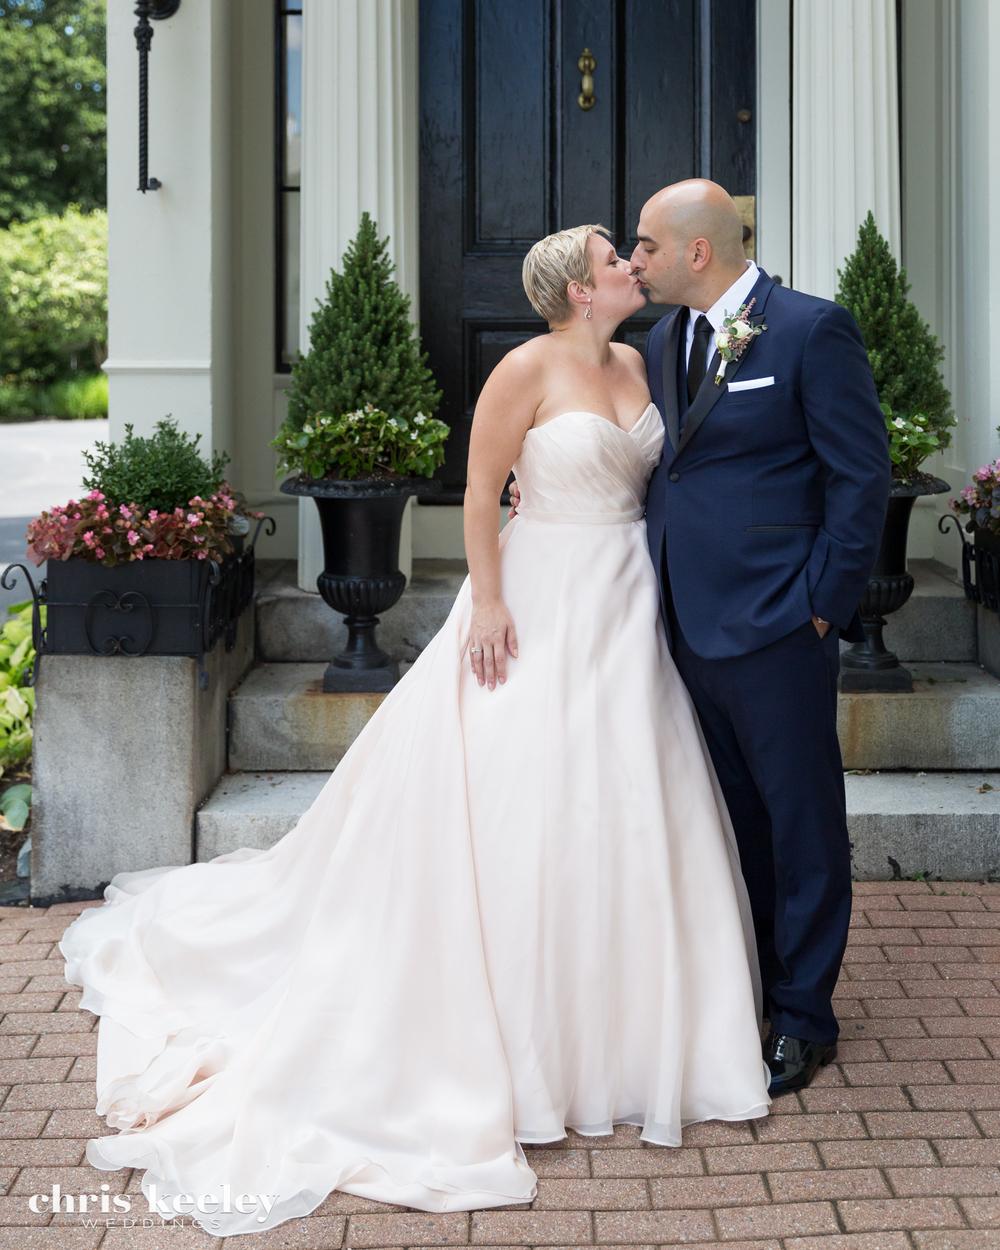 1130-Chris-Keeley-Weddings-416 wmk.jpg